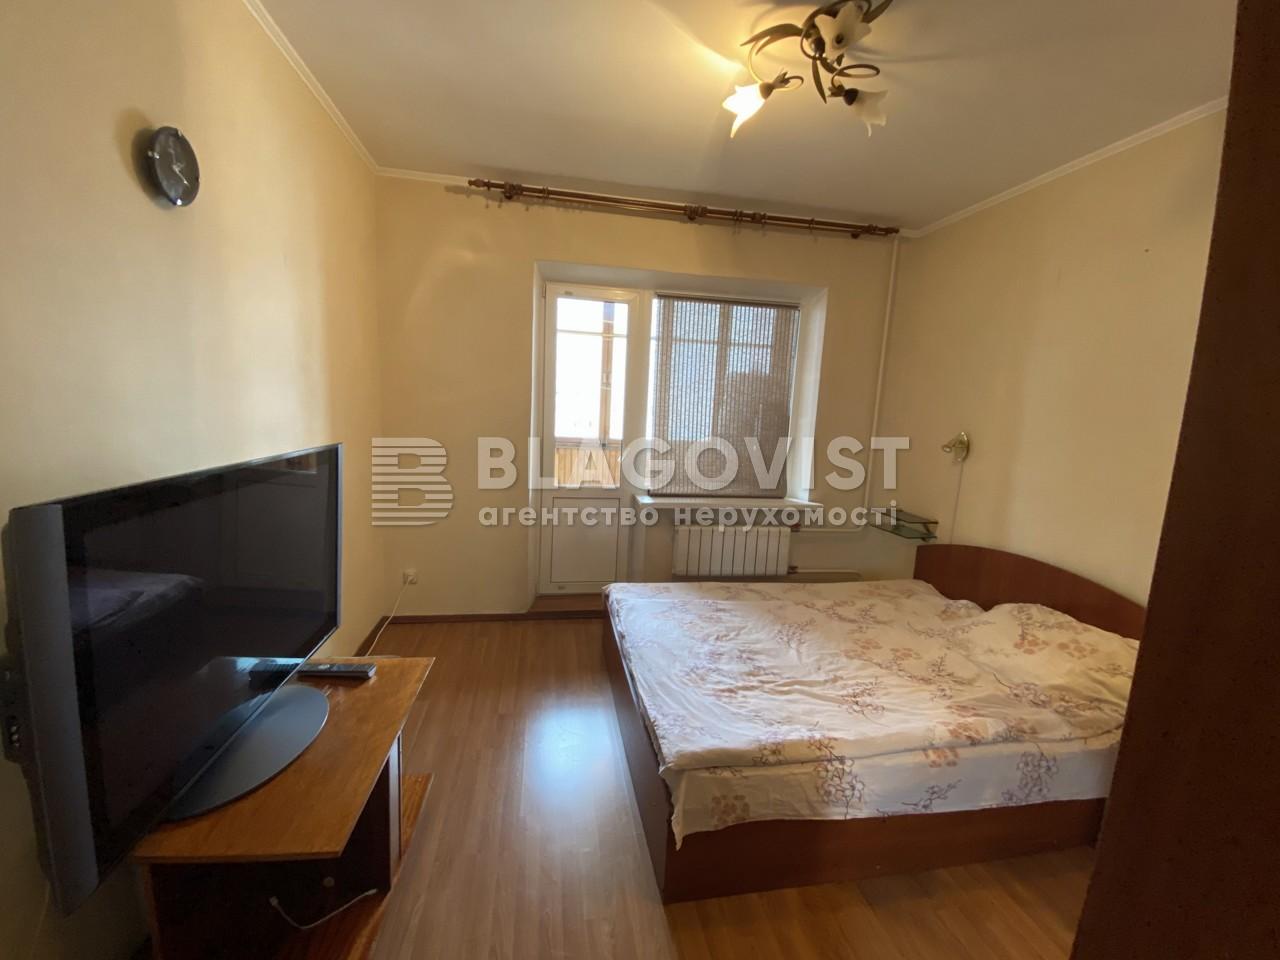 Квартира F-44579, Ревуцкого, 7, Киев - Фото 5